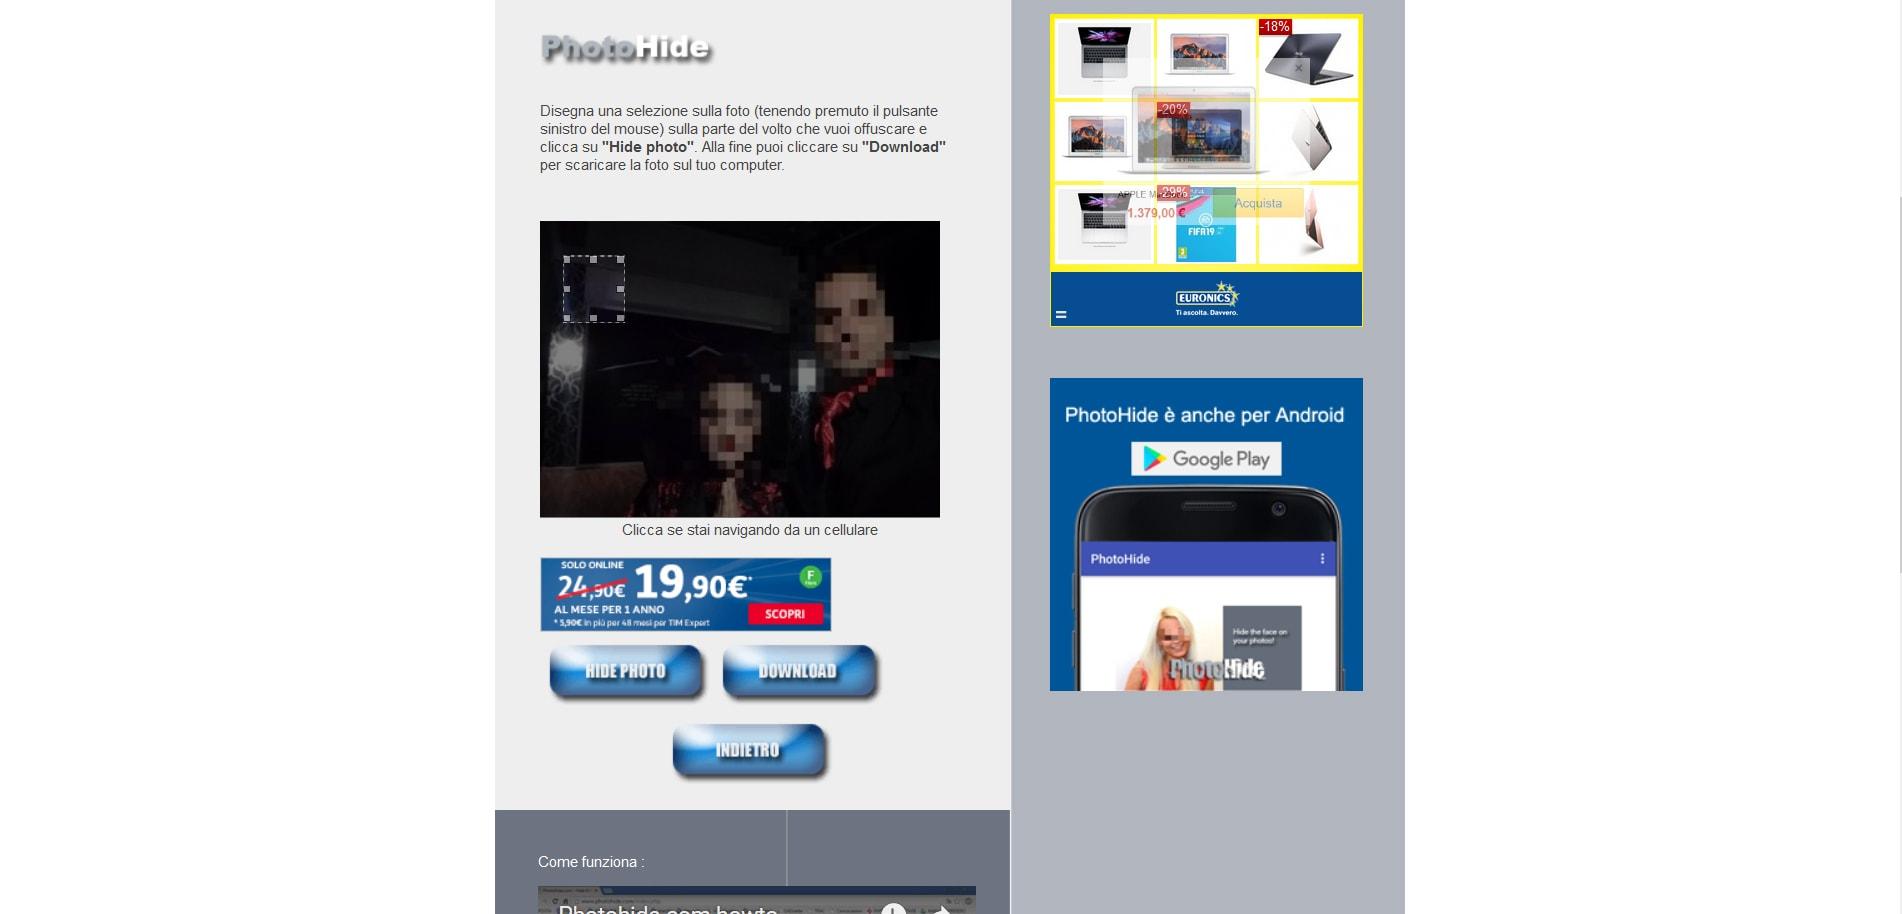 oscurare il viso di una foto con PhotoHide